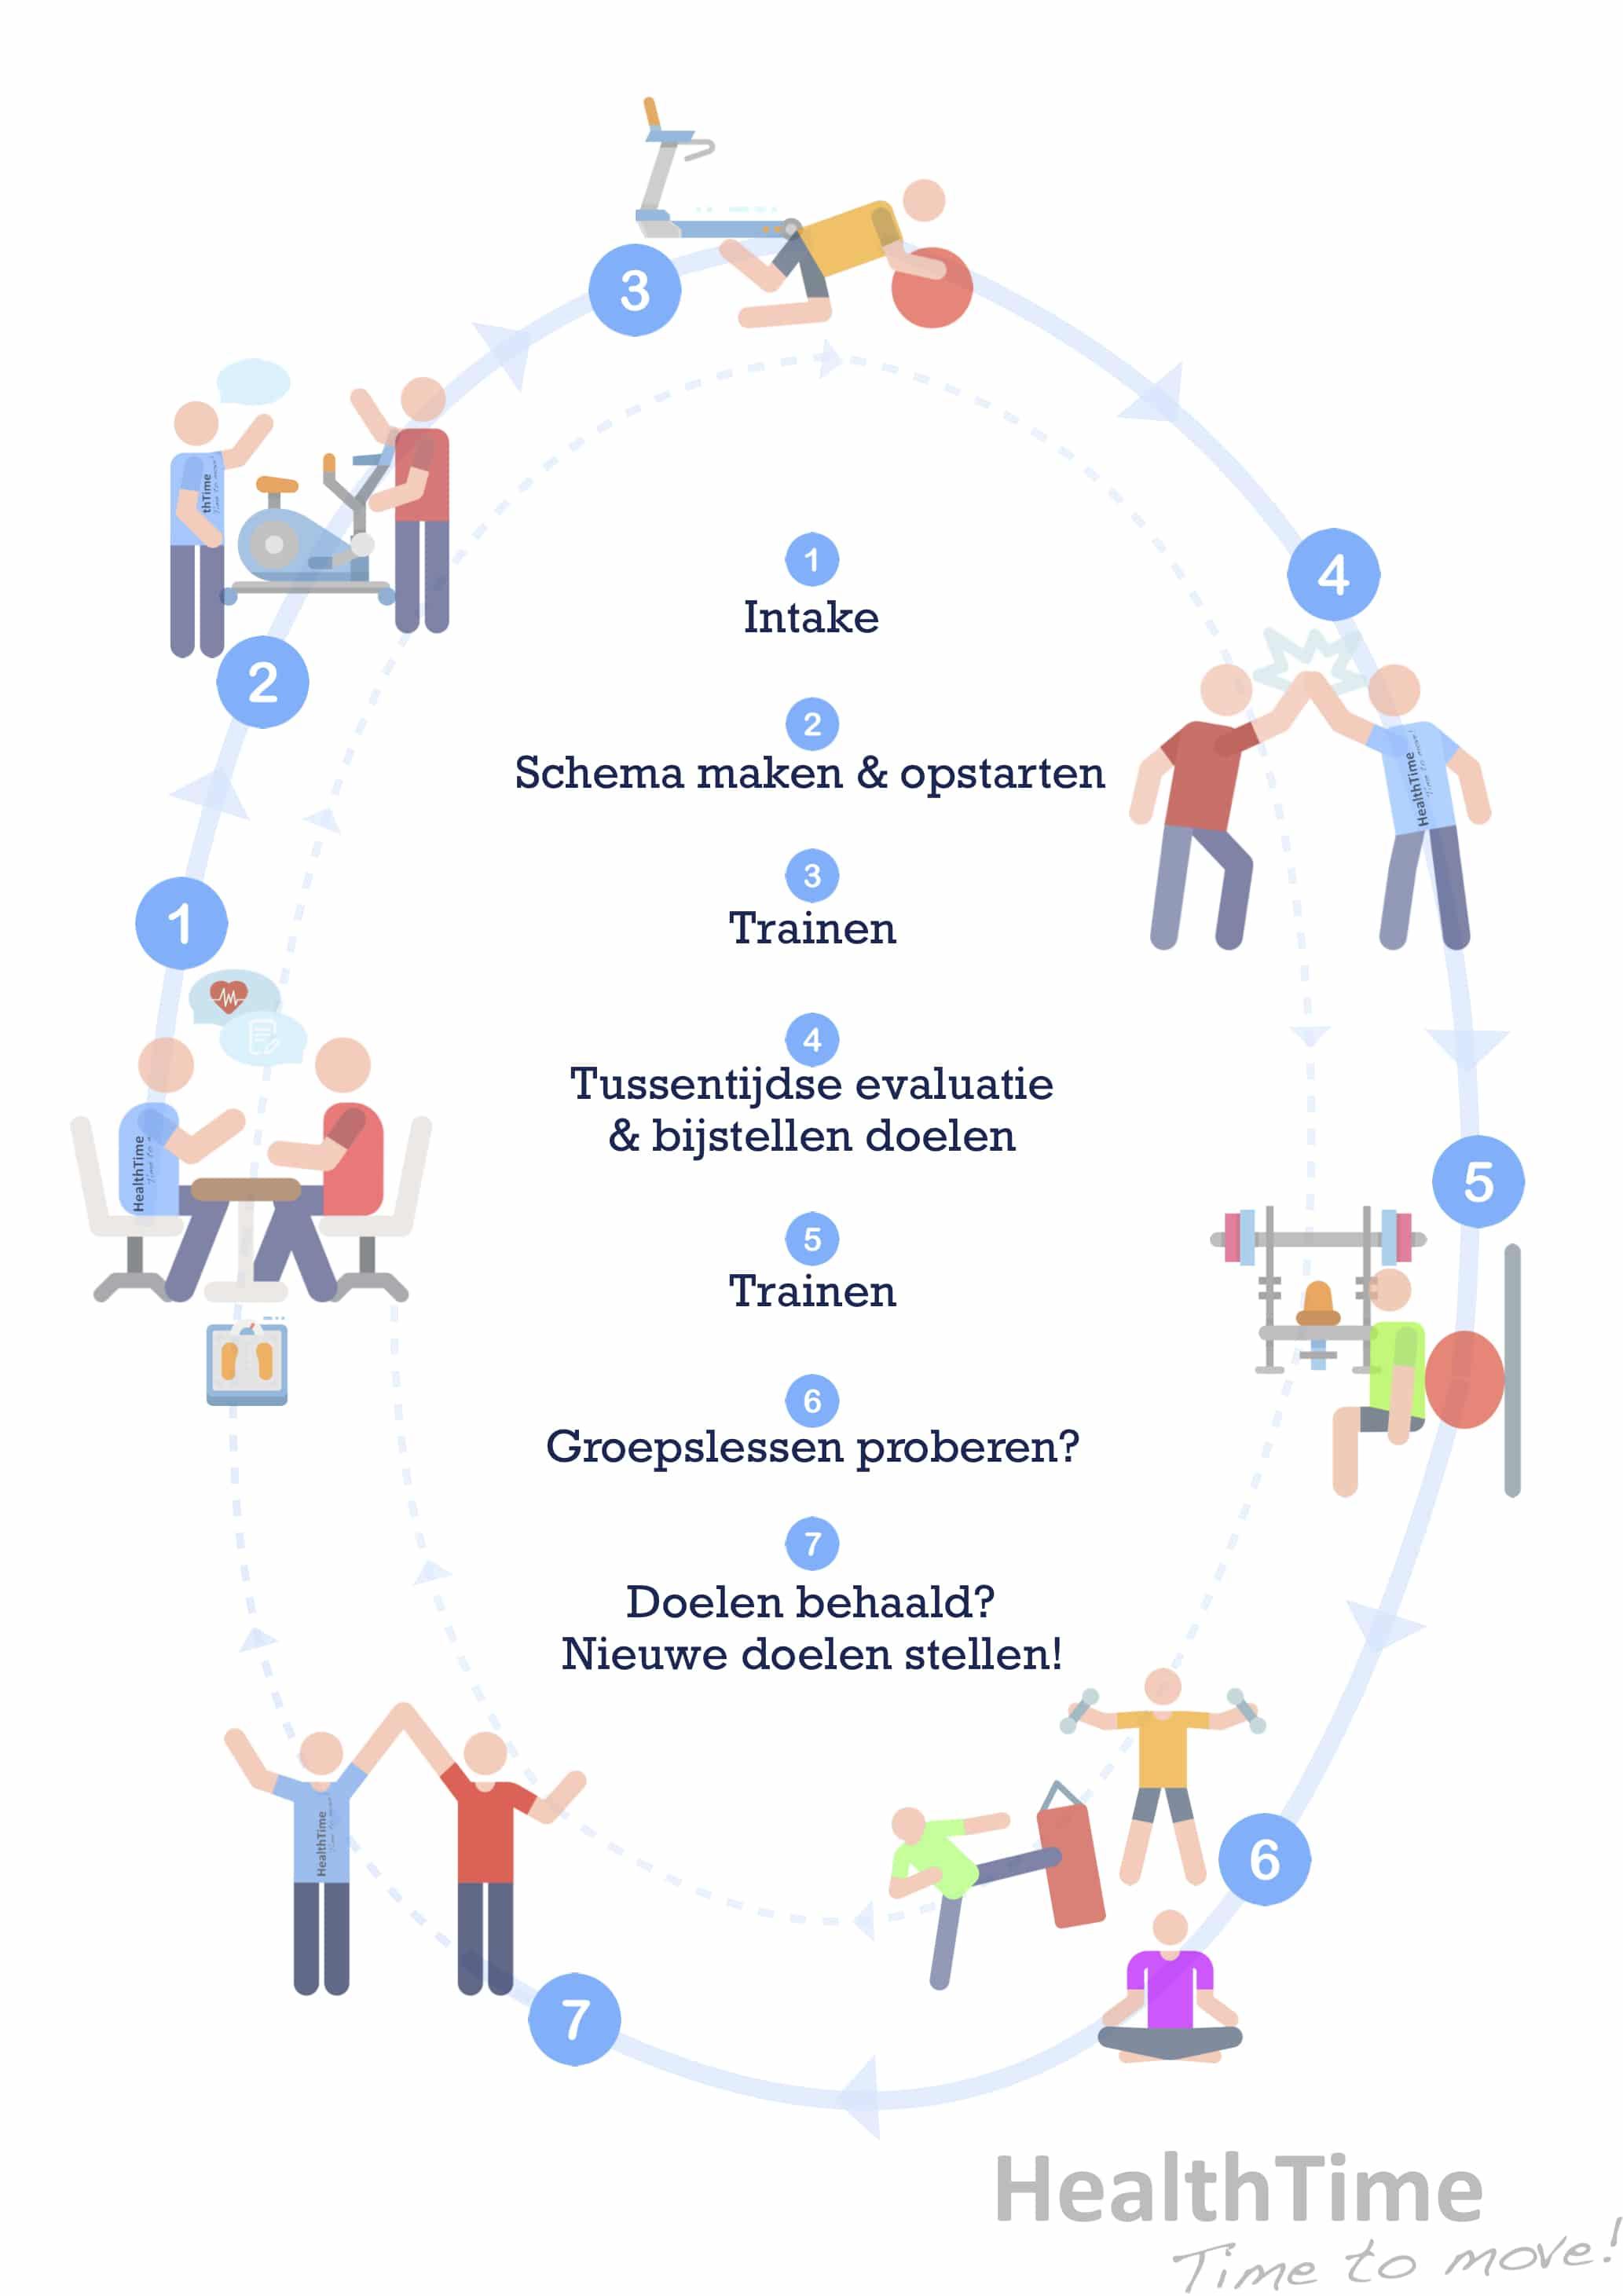 healthtime routing persoonlijk maatwerk schema doelen sporten trainen